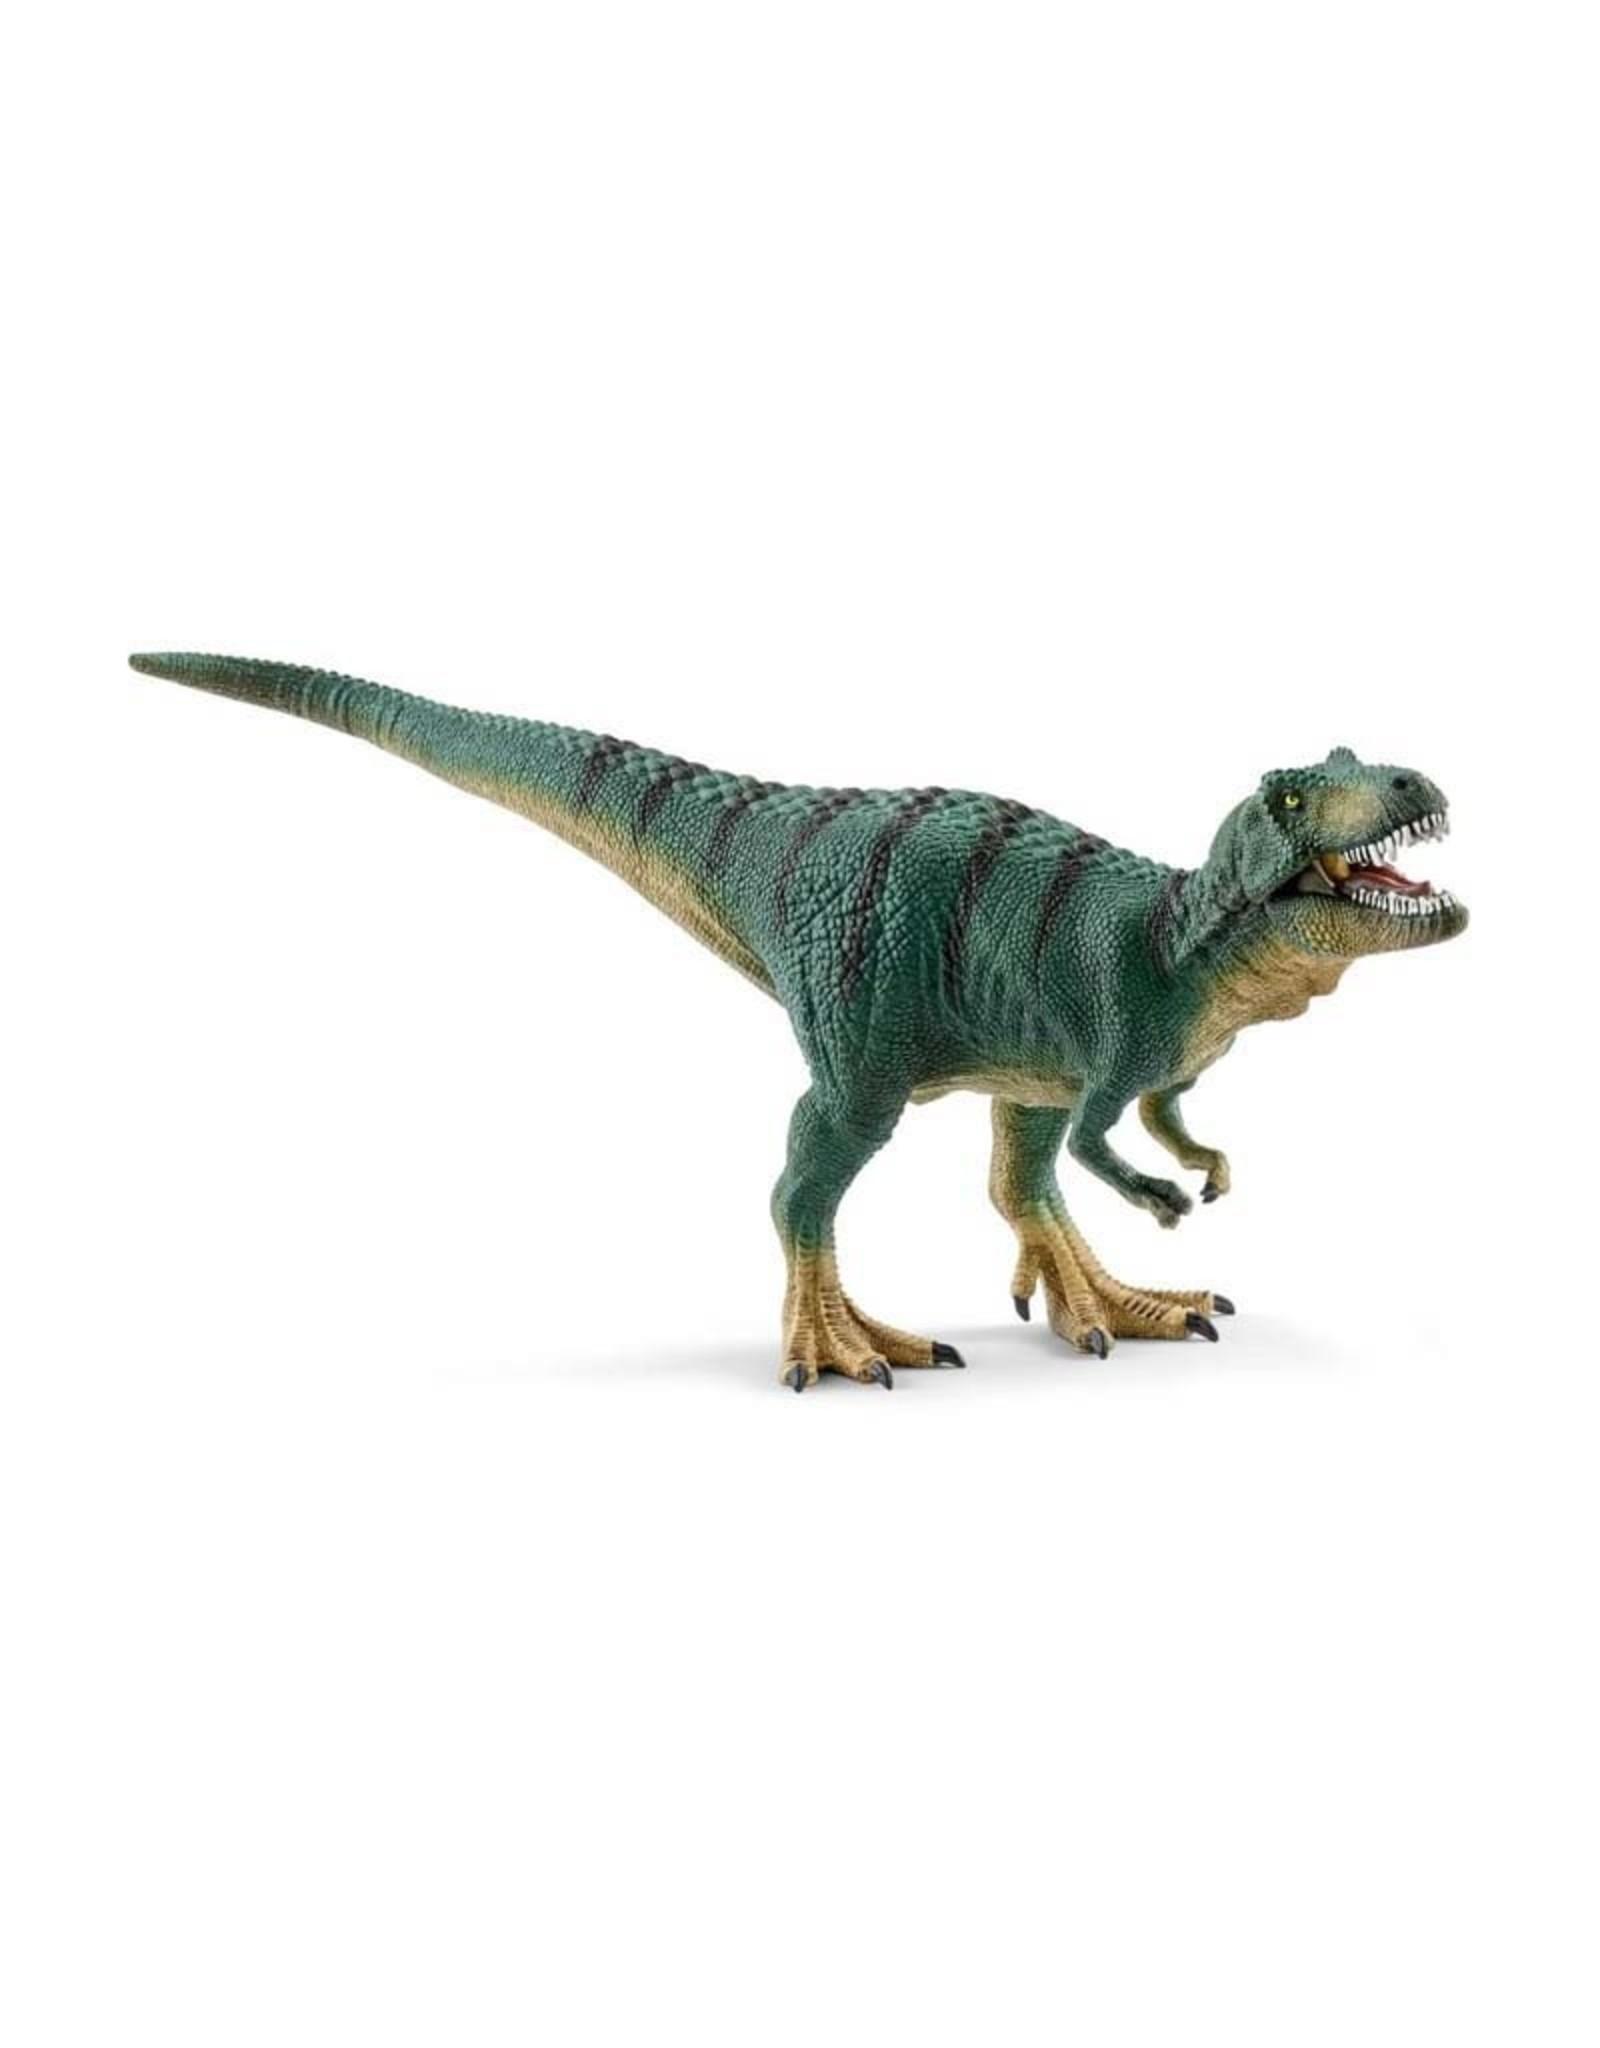 Schleich Schleich Tyrannosaurus Rex Juvenile